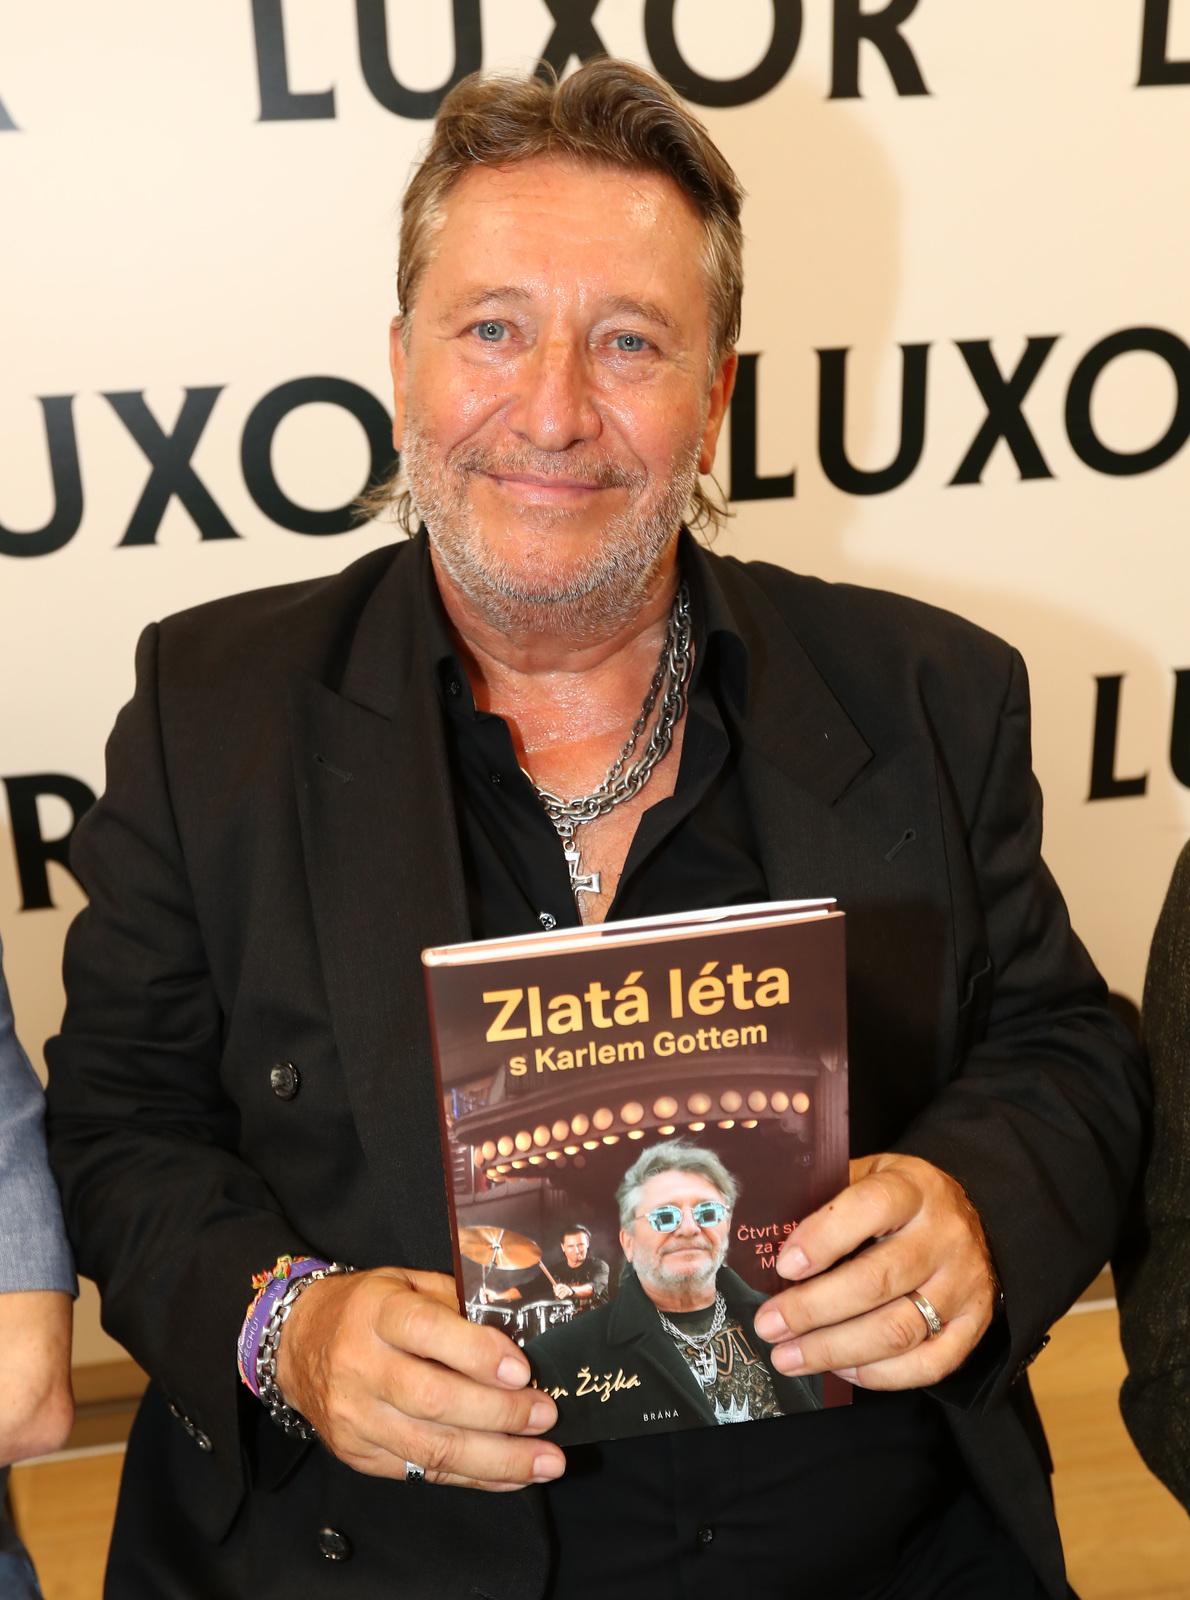 Gottův bubeník Jan Žižka vydal své vzpomínky knižně.